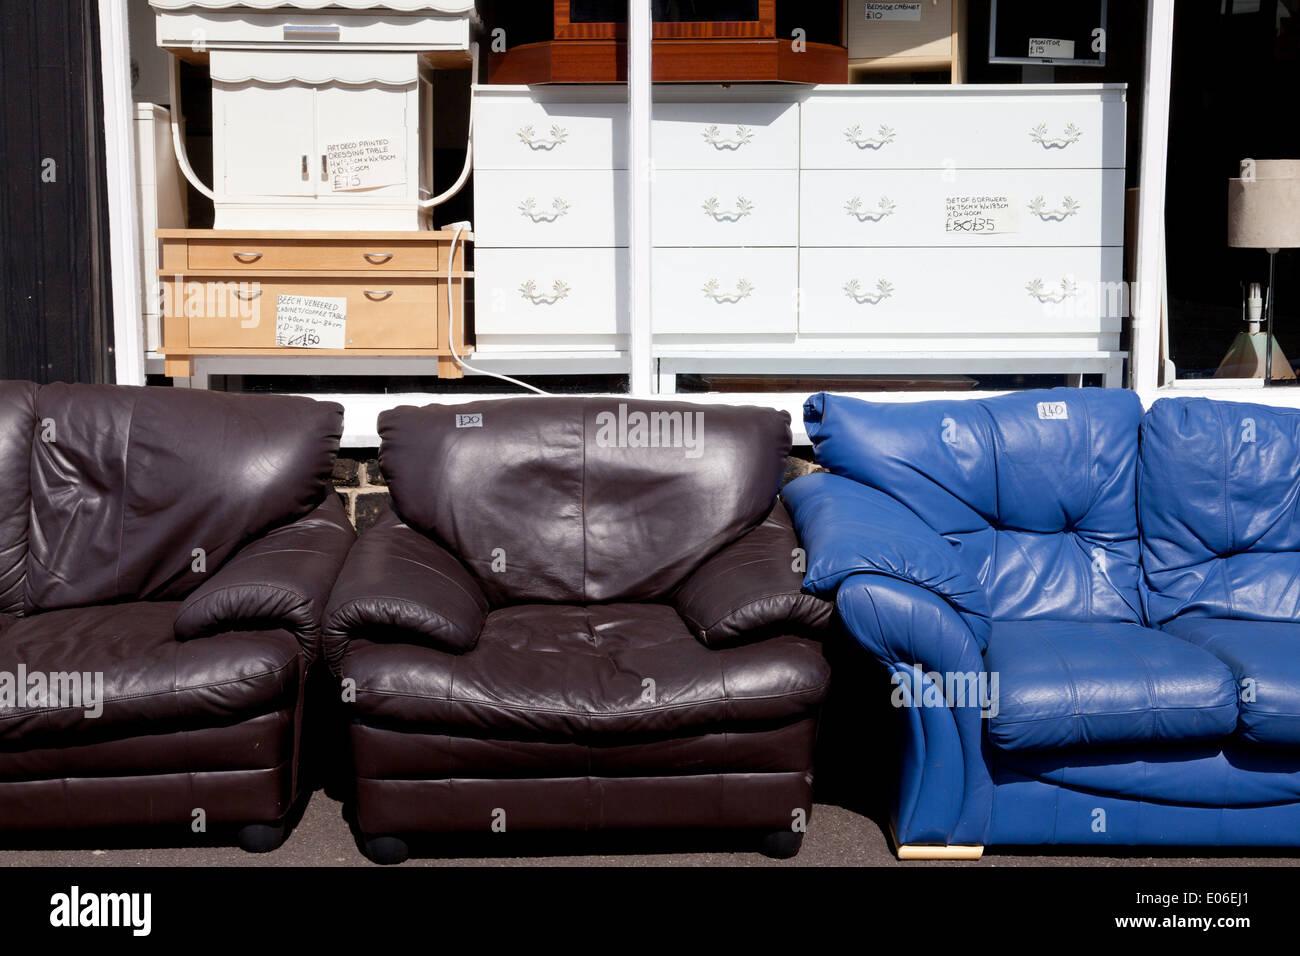 Gebrauchte sofas f r den verkauf au erhalb der for Gebrauchte sofas